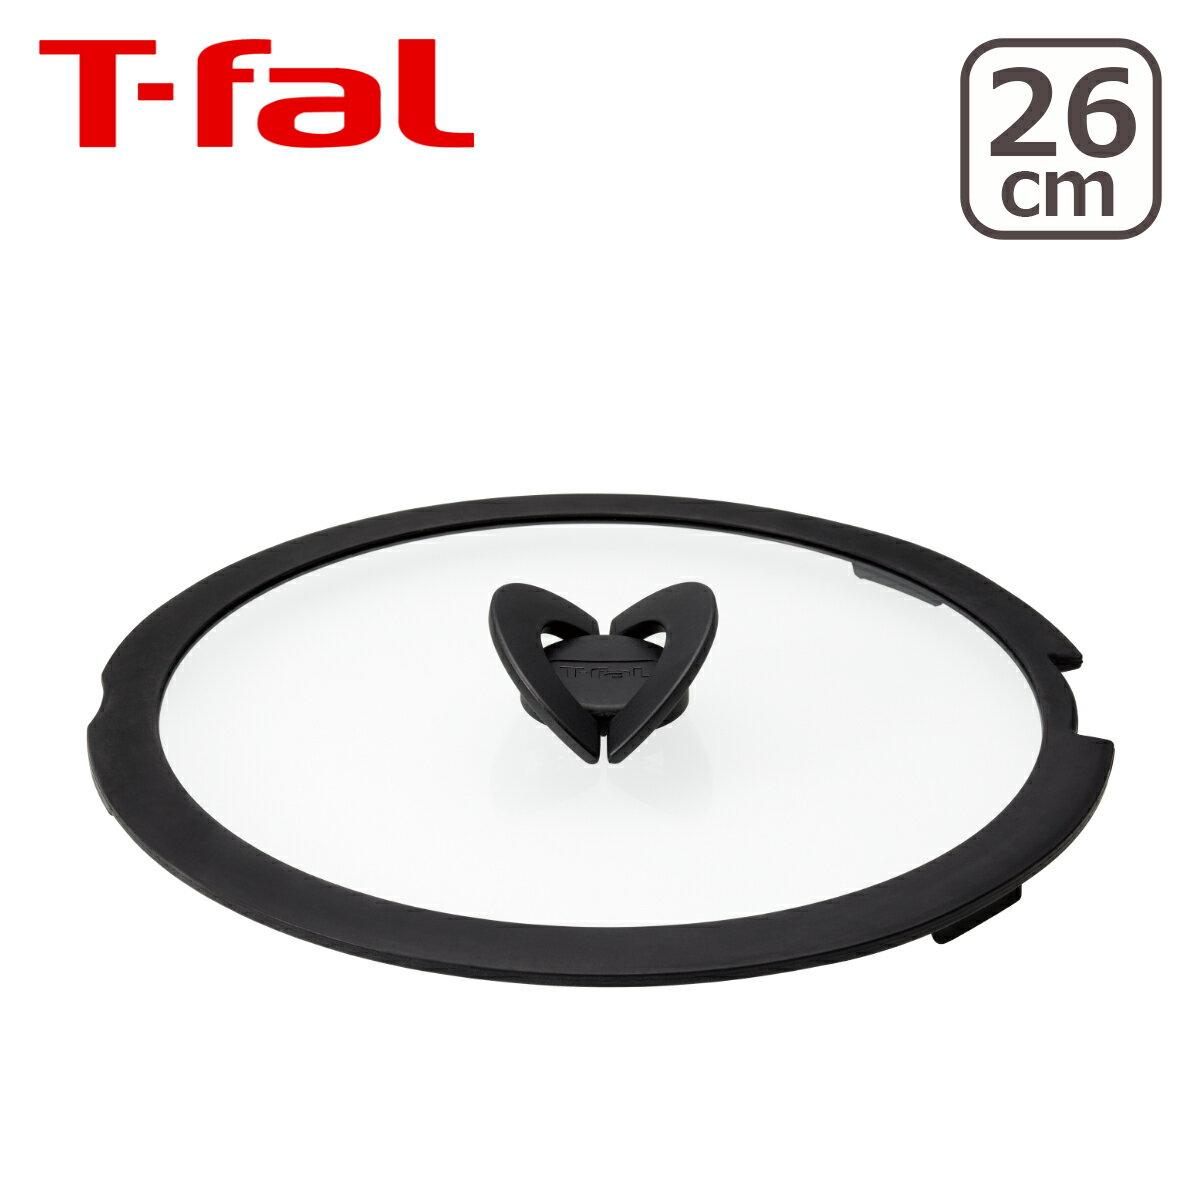 ティファール T-fal インジニオ・ネオシリーズ バタフライガラス蓋 26cm L99366